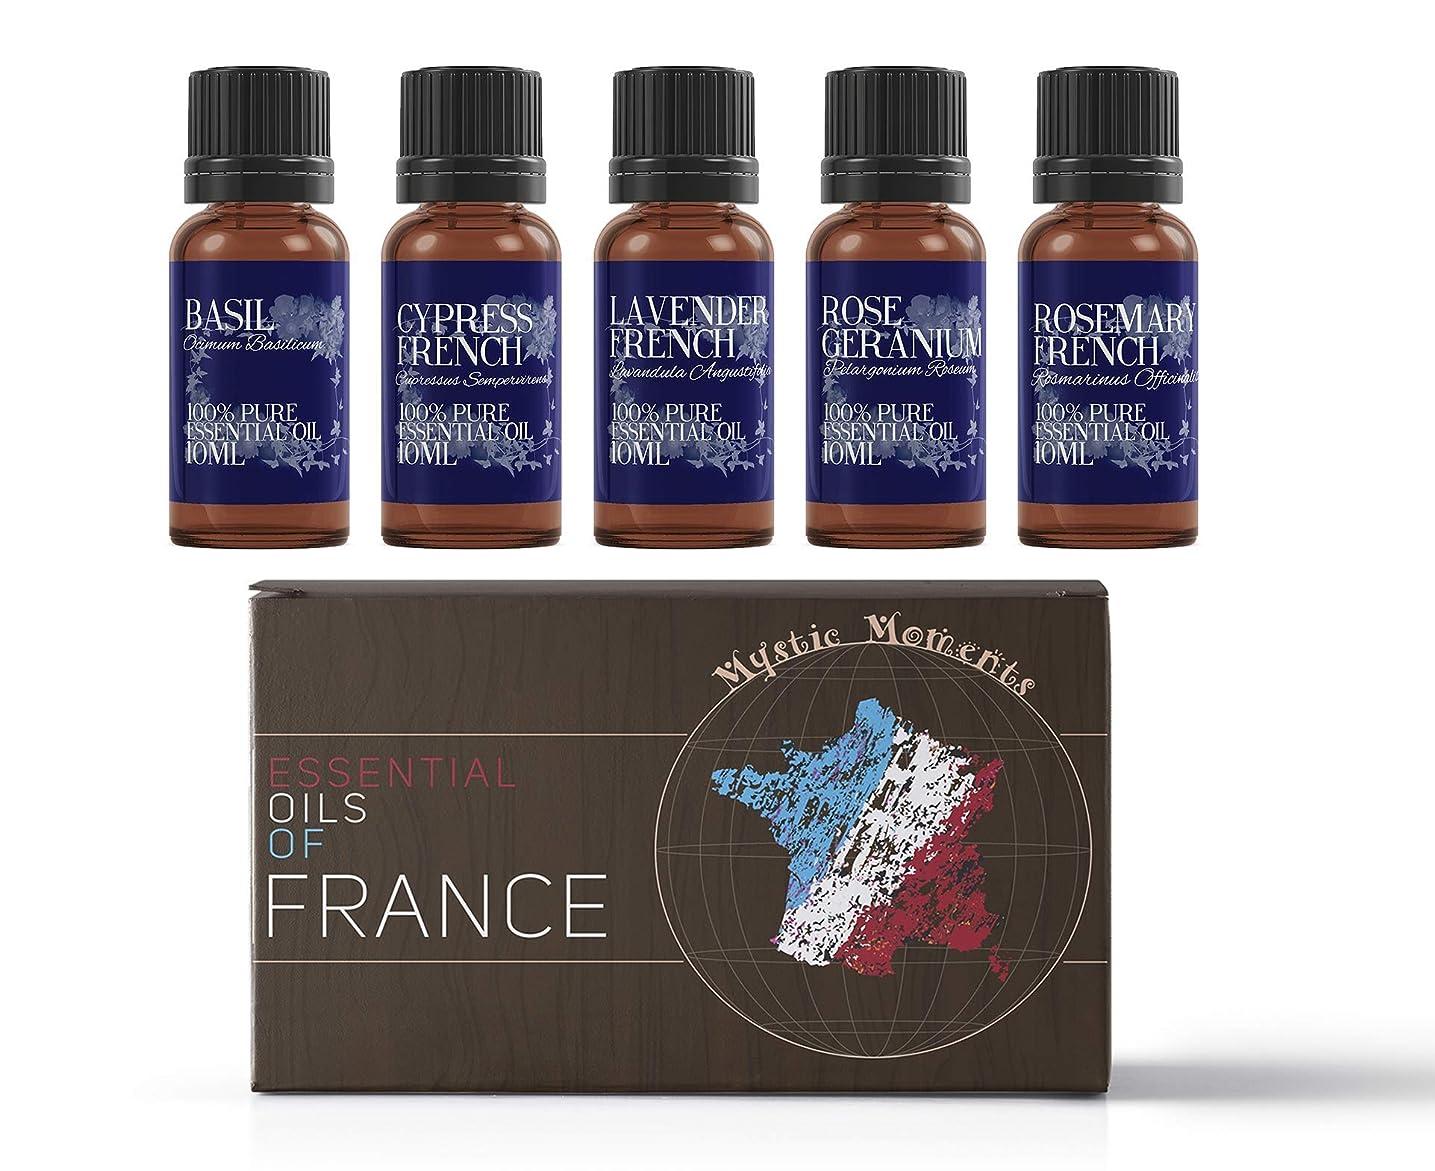 毛布ペルソナ軍Mystic Moments | Gift Starter Pack of 5 x 10ml - Essential Oils Of France